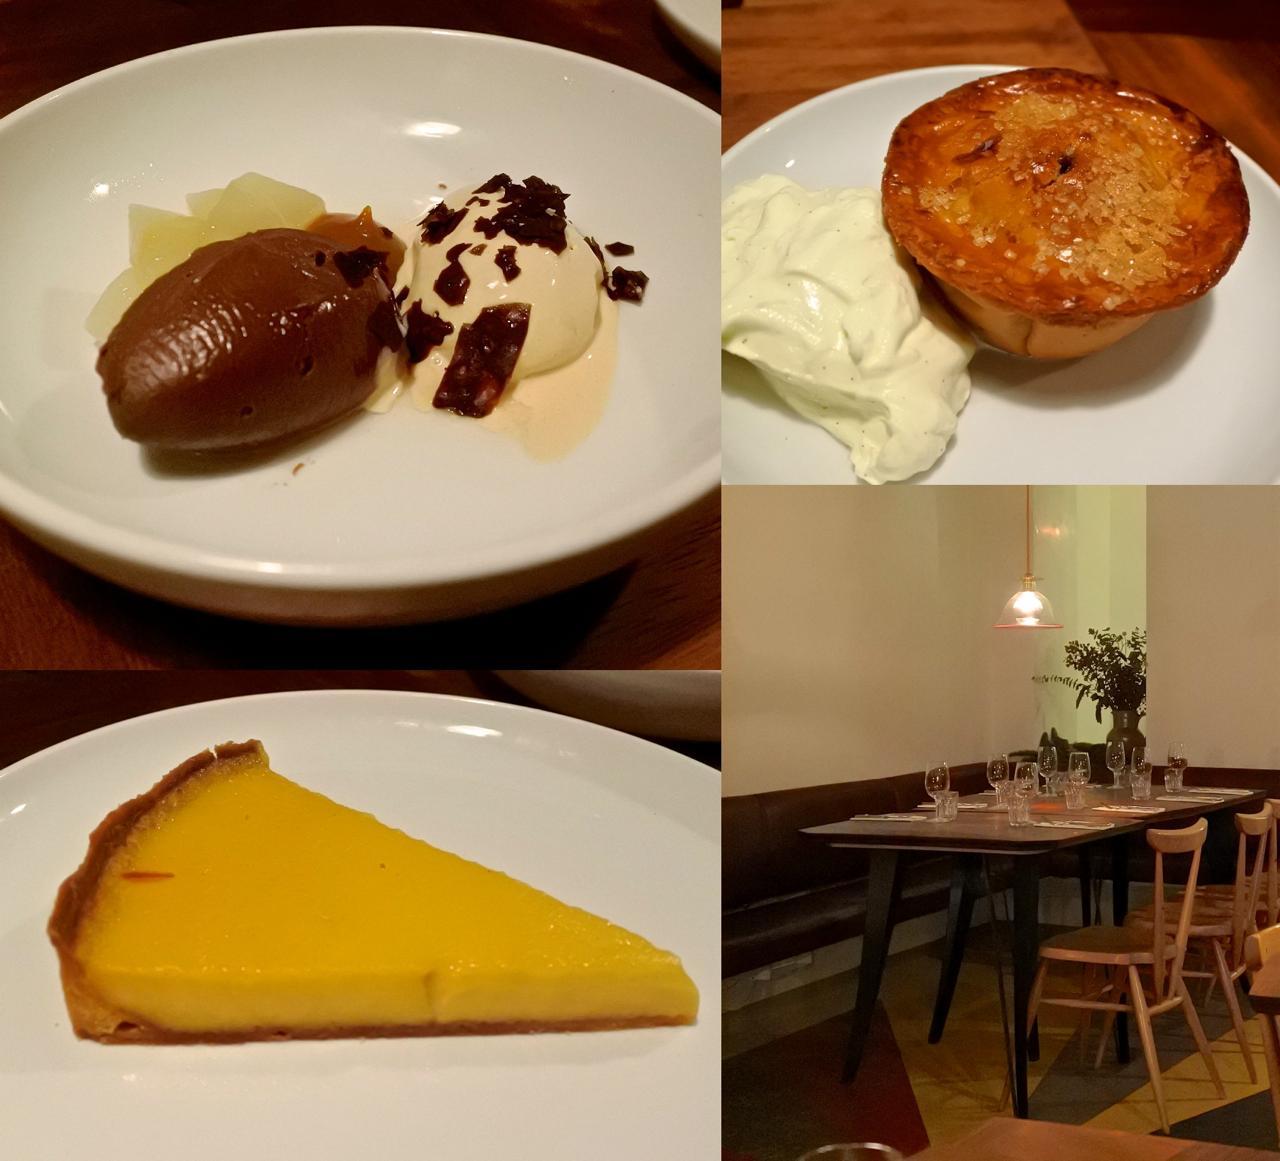 デザートははずれなし。左下はハニー・タルト、左上はチョコレート・ムース、右上がミンス・パイ☆